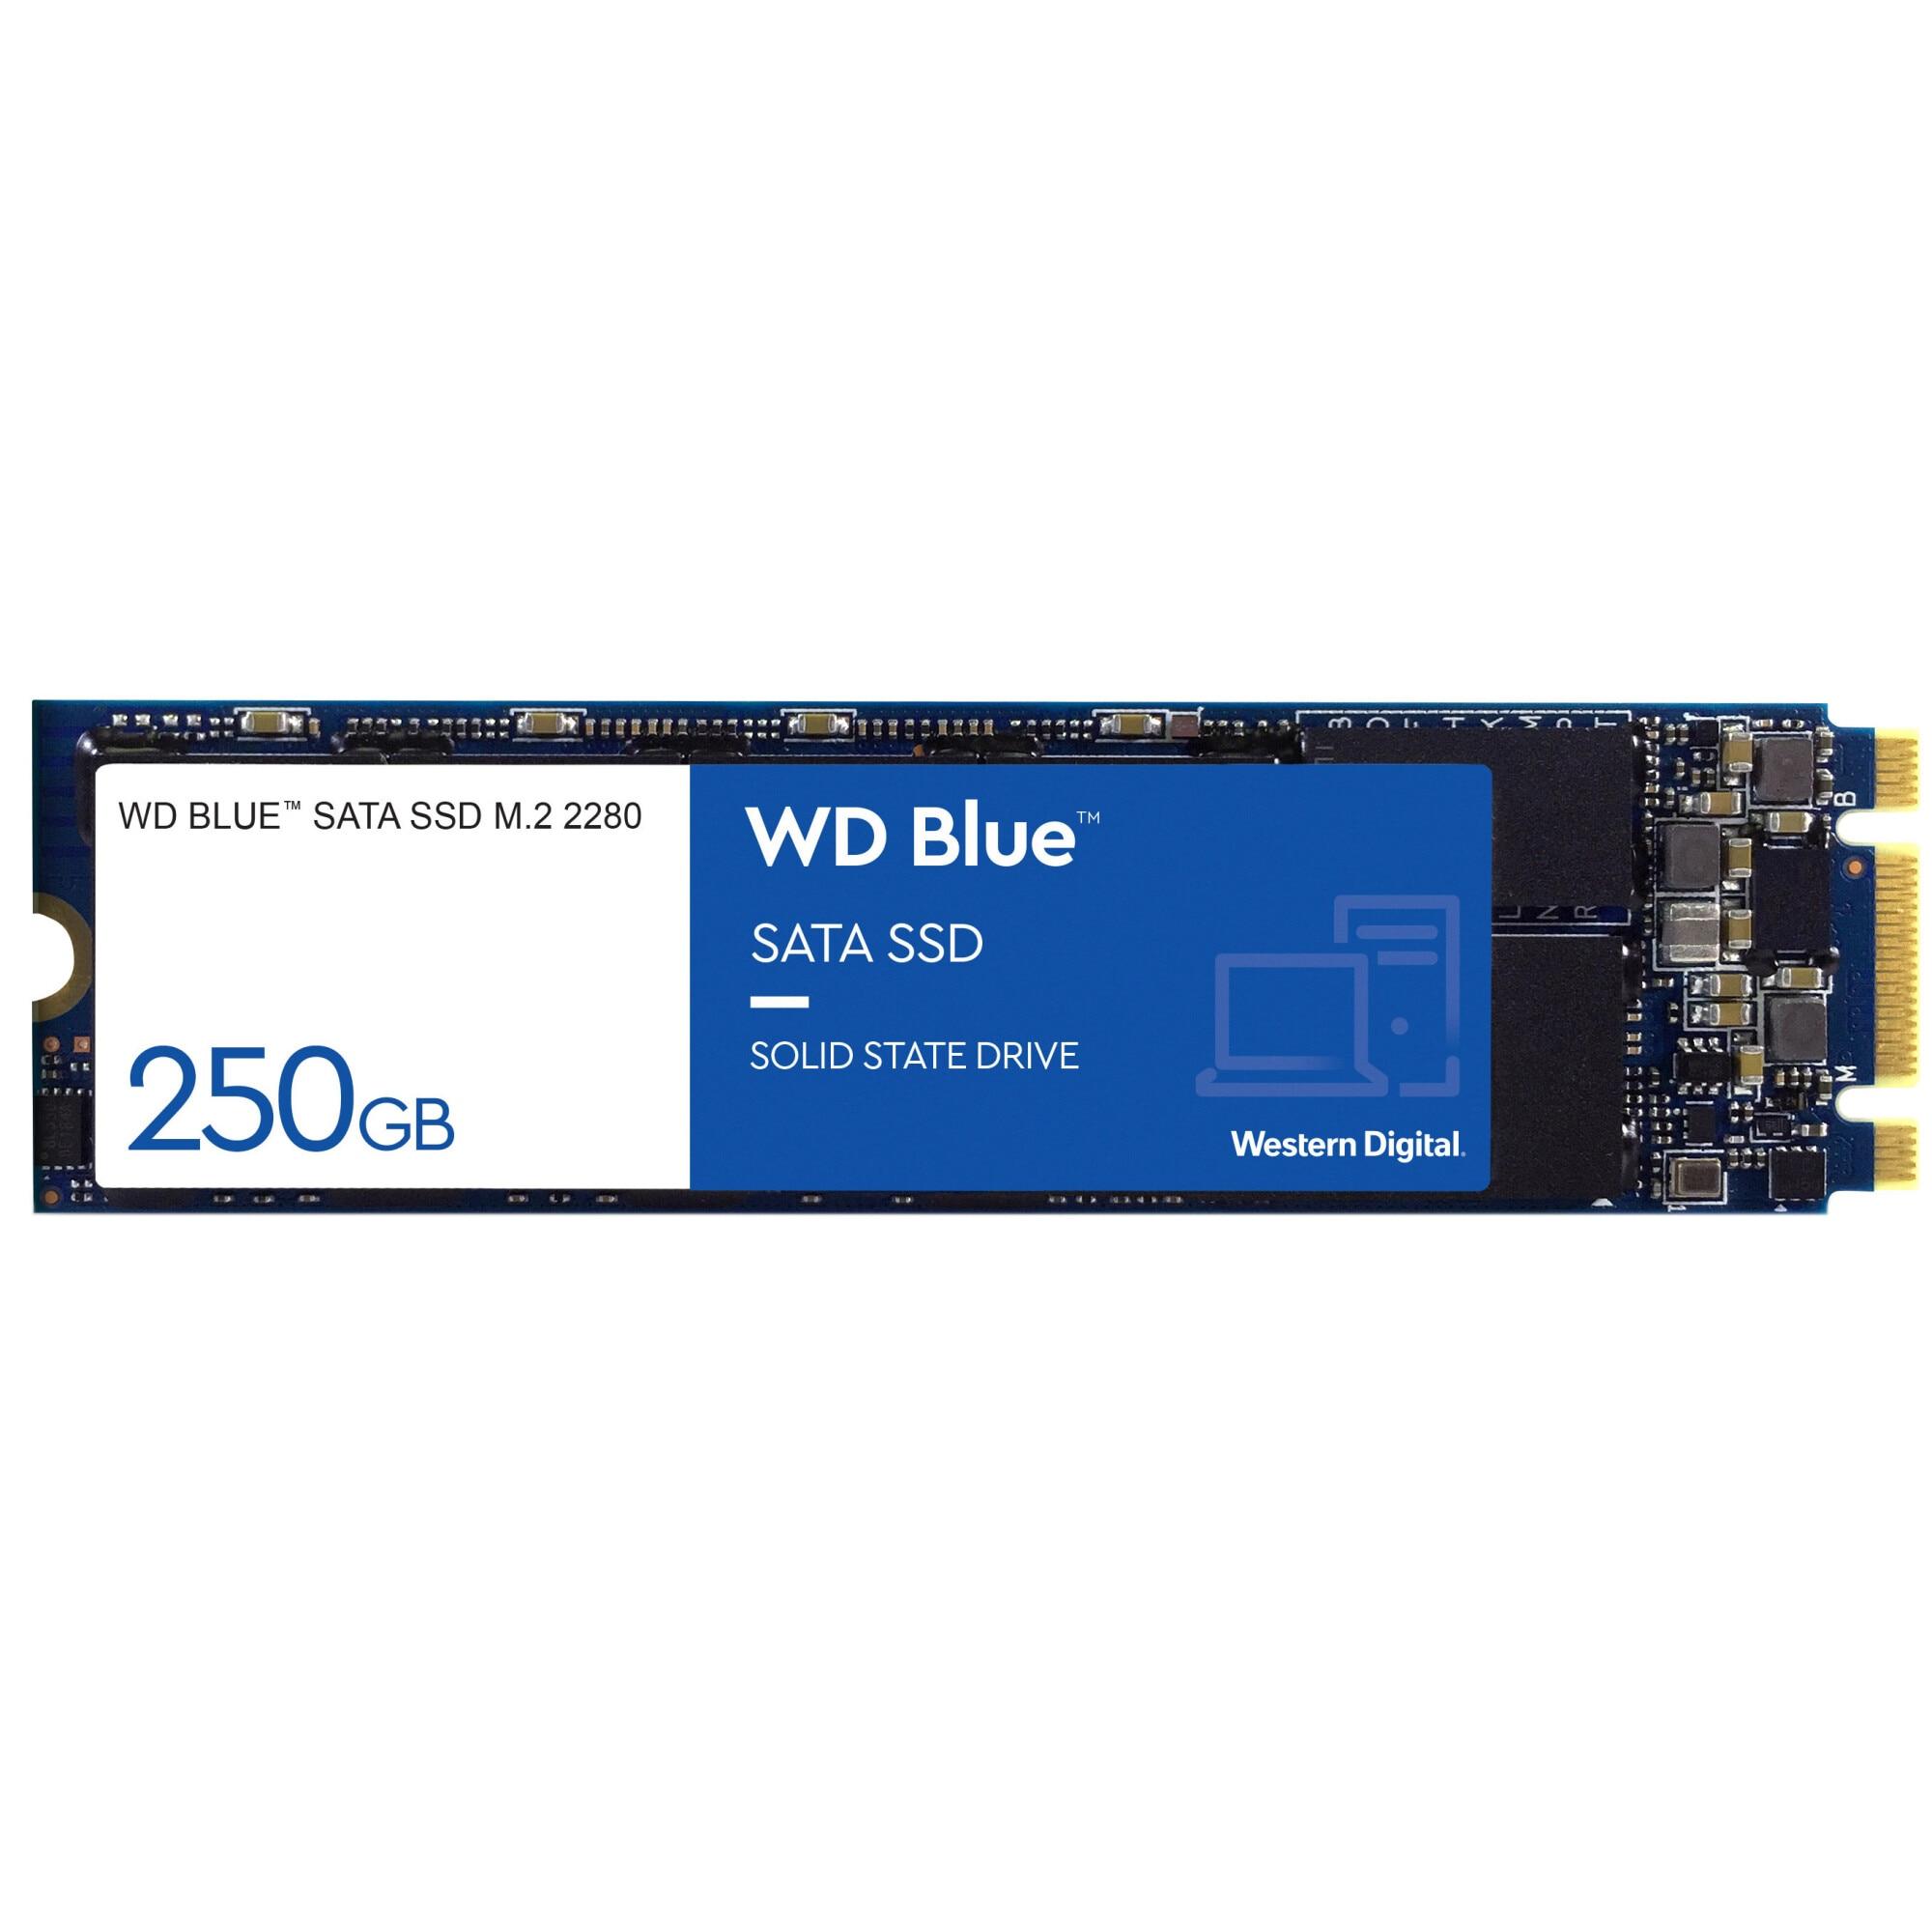 Fotografie Solid State Drive (SSD) WD Blue 3D, 250GB, SATA III, M.2